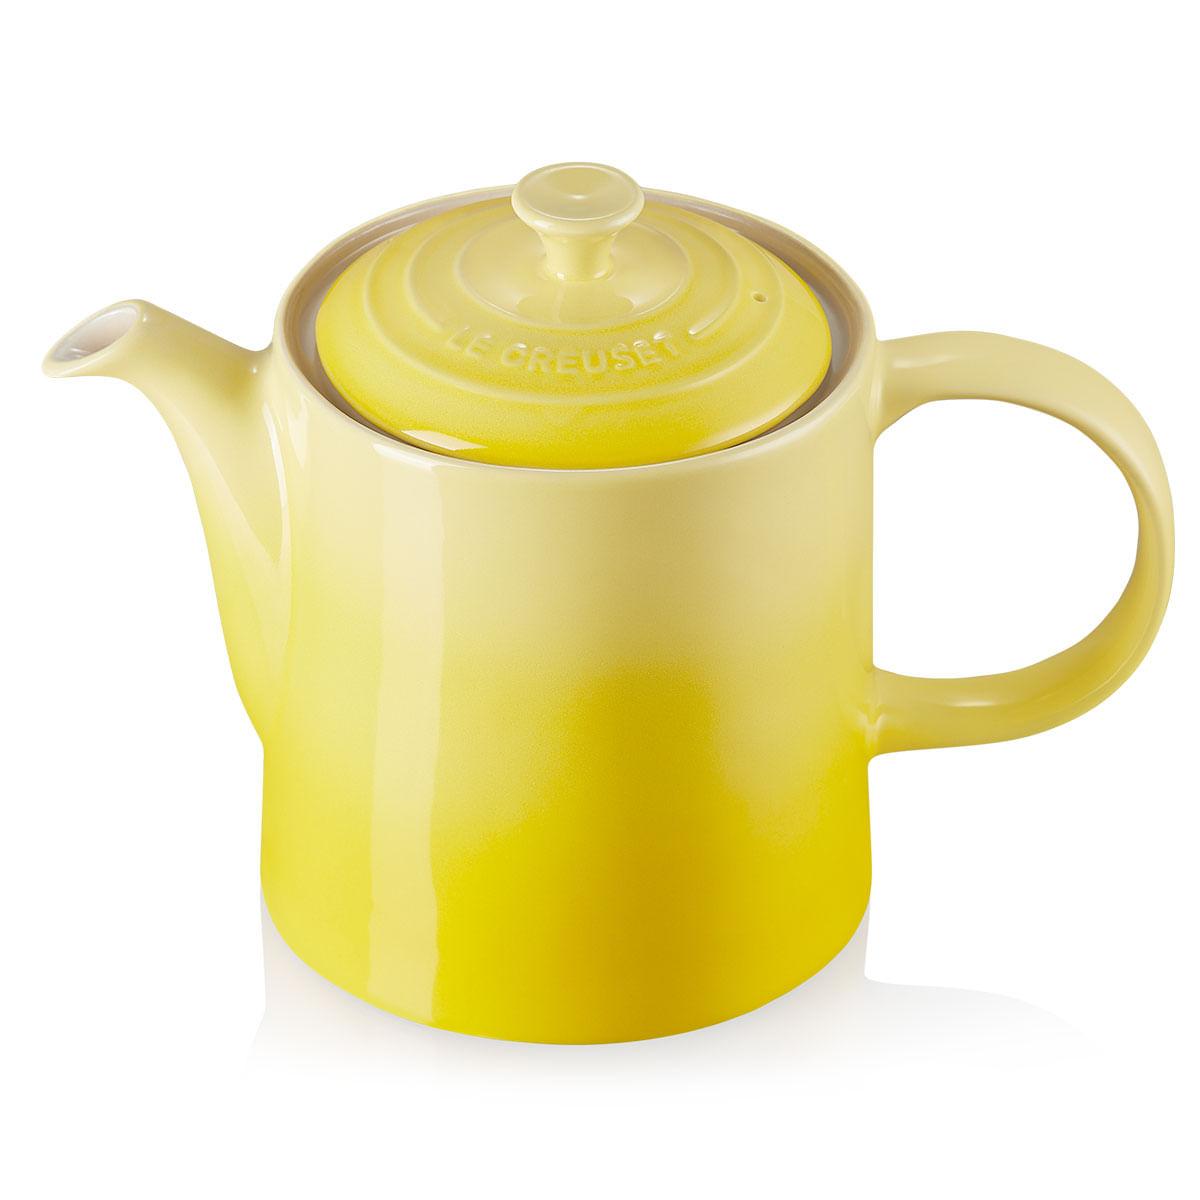 Bule Grand 1,3 Litros Amarelo Soleil Le Creuset